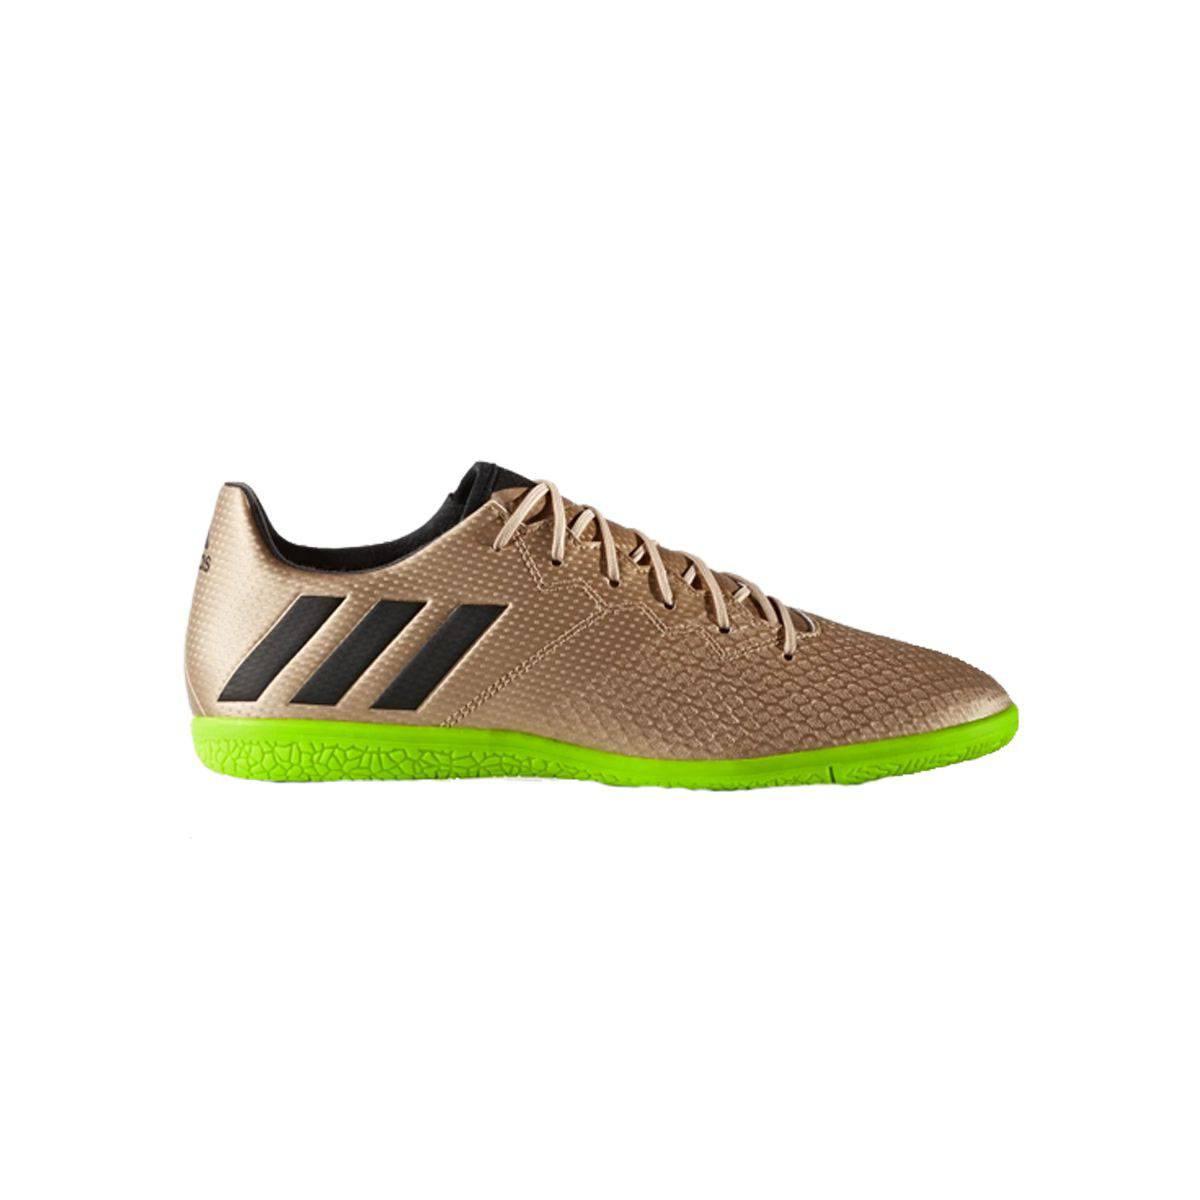 ec1aa006db2e9 Chuteira Futsal Adidas Messi 16.3 IN